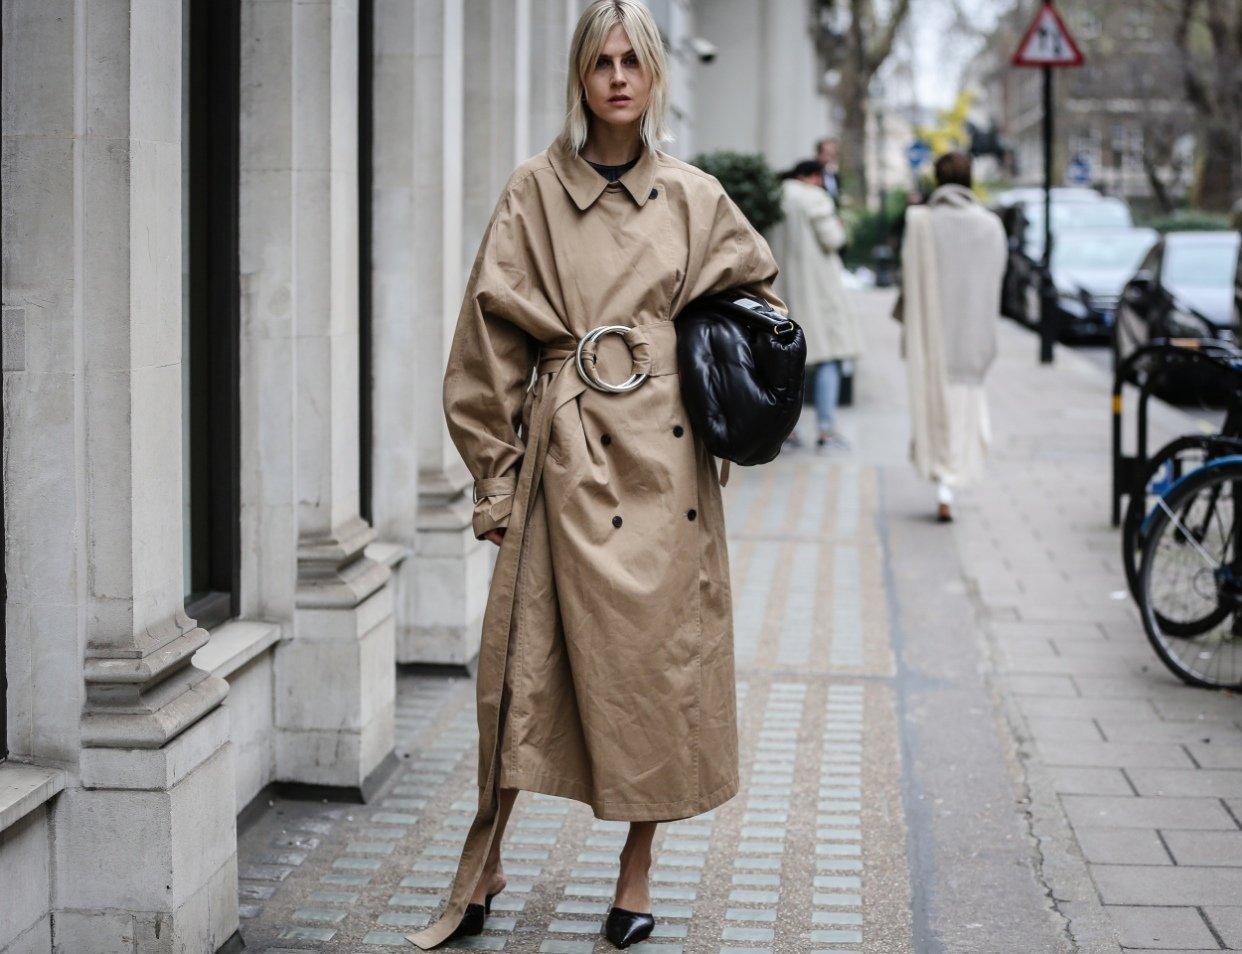 dress like you work at a fashion magazine